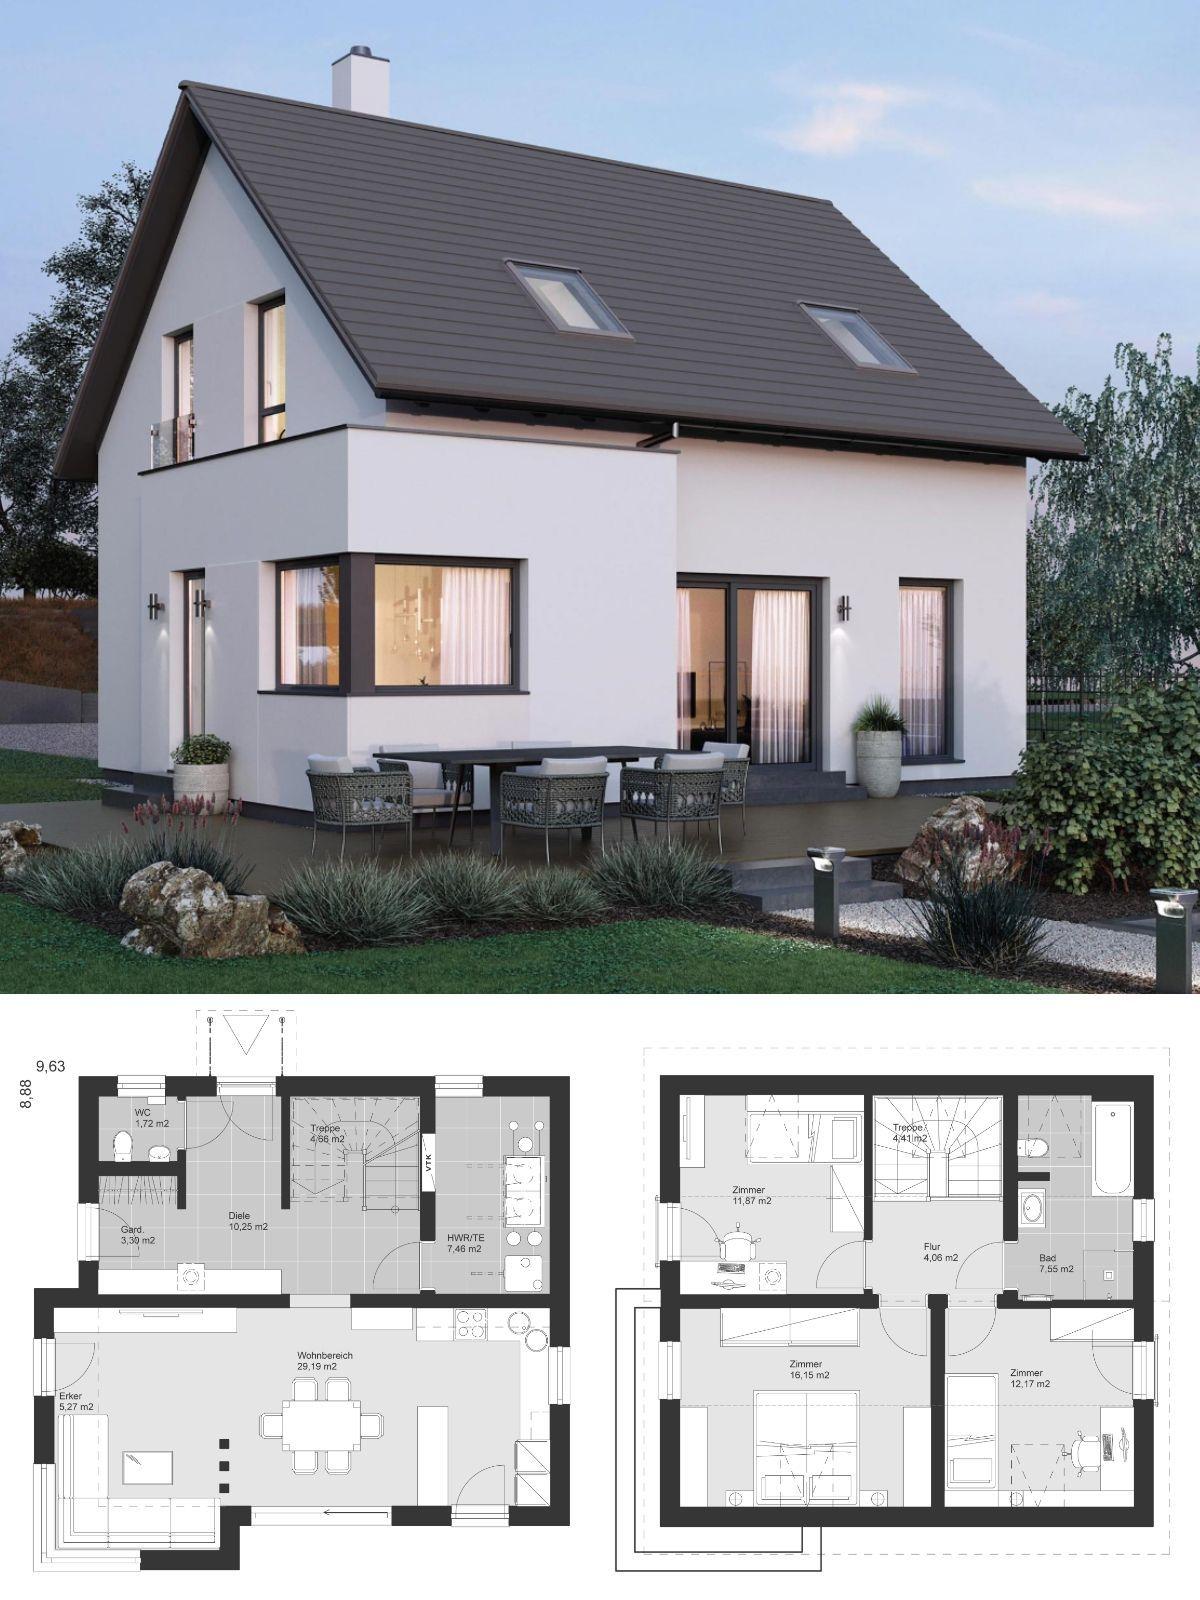 Modernes Einfamilienhaus klein mit Satteldach Architektur